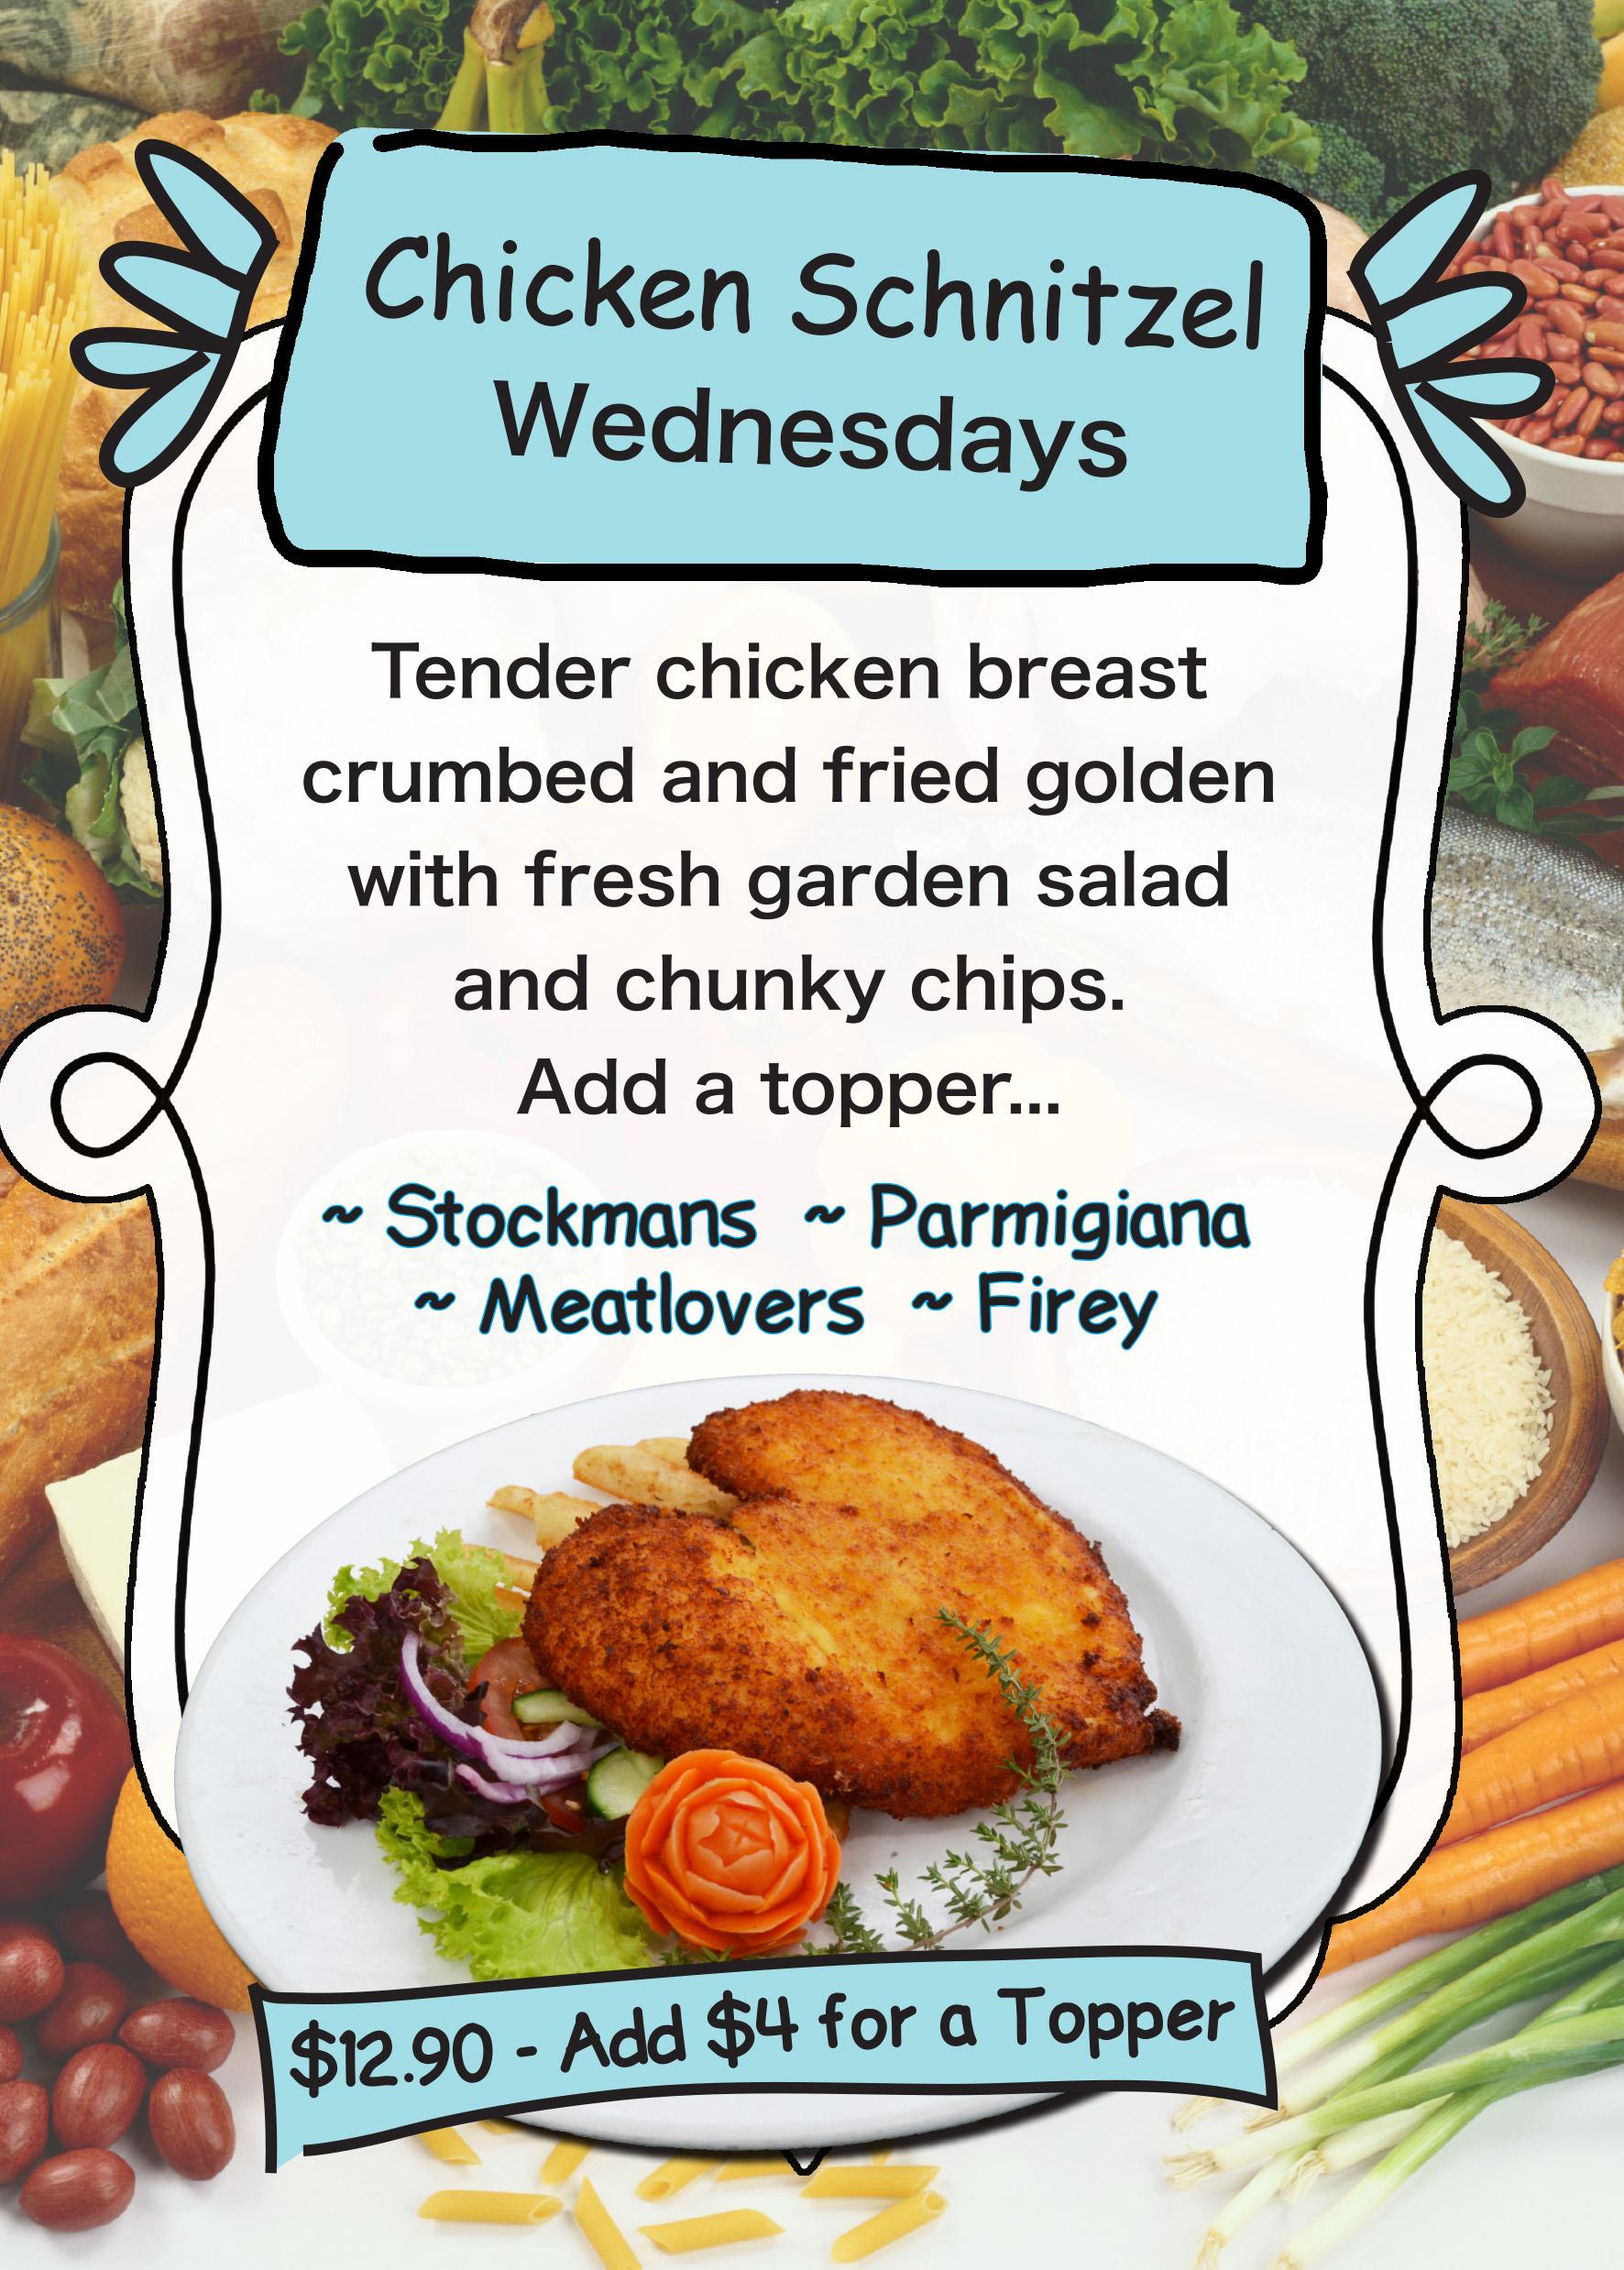 Chicken Schnitzel Wednesday